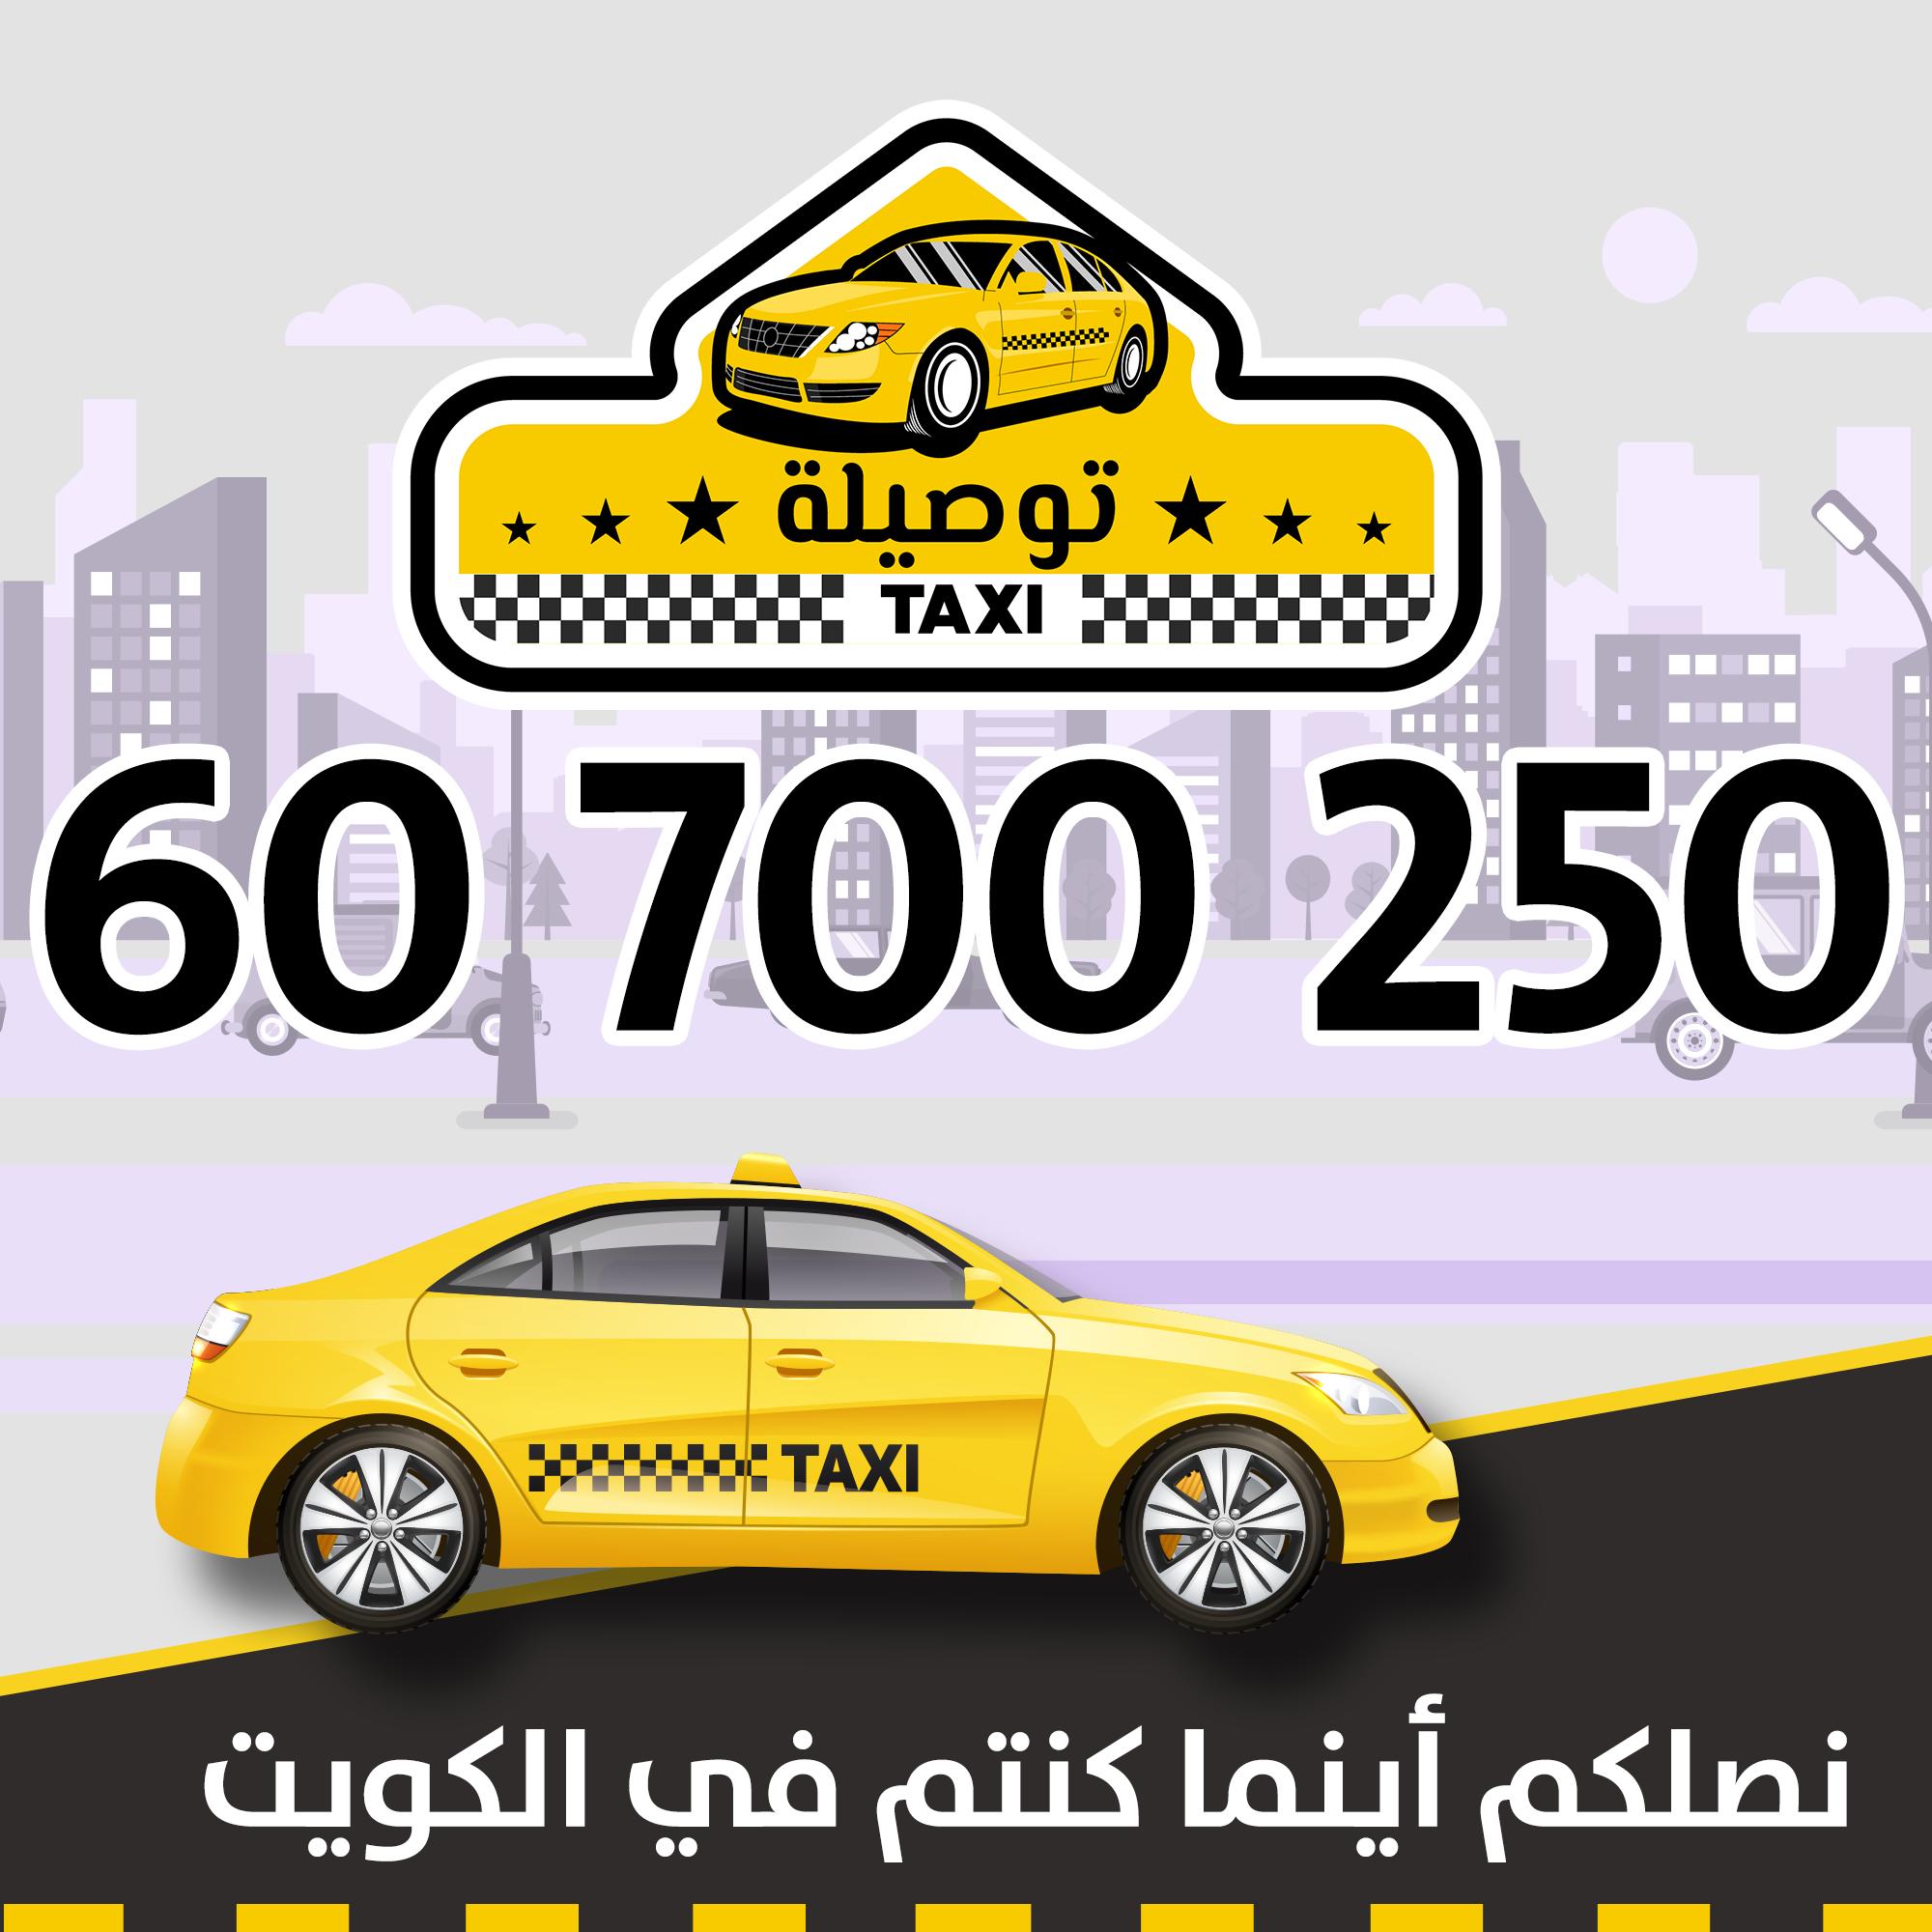 تاكسي توصيلة في شارع عبد الله محمد الخالدي